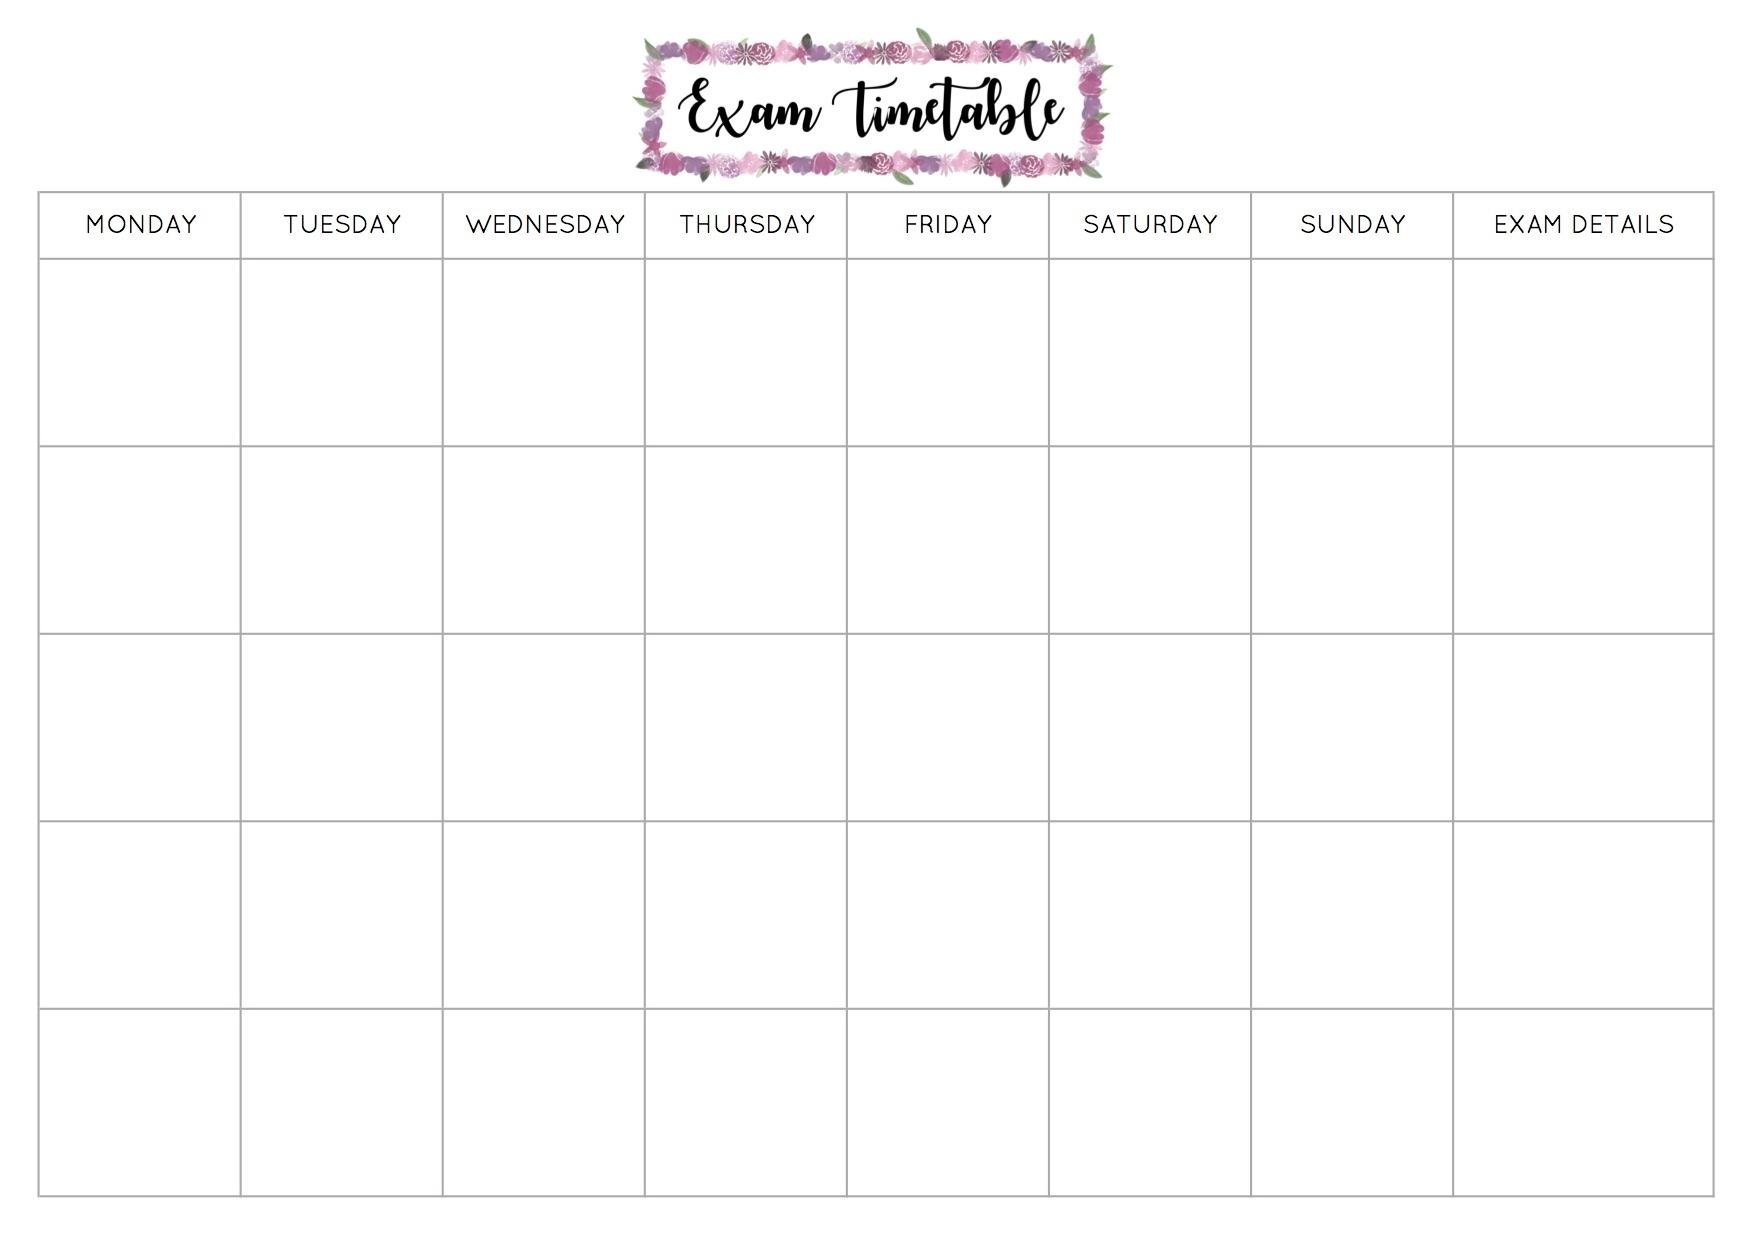 Free Exam Timetable Printable